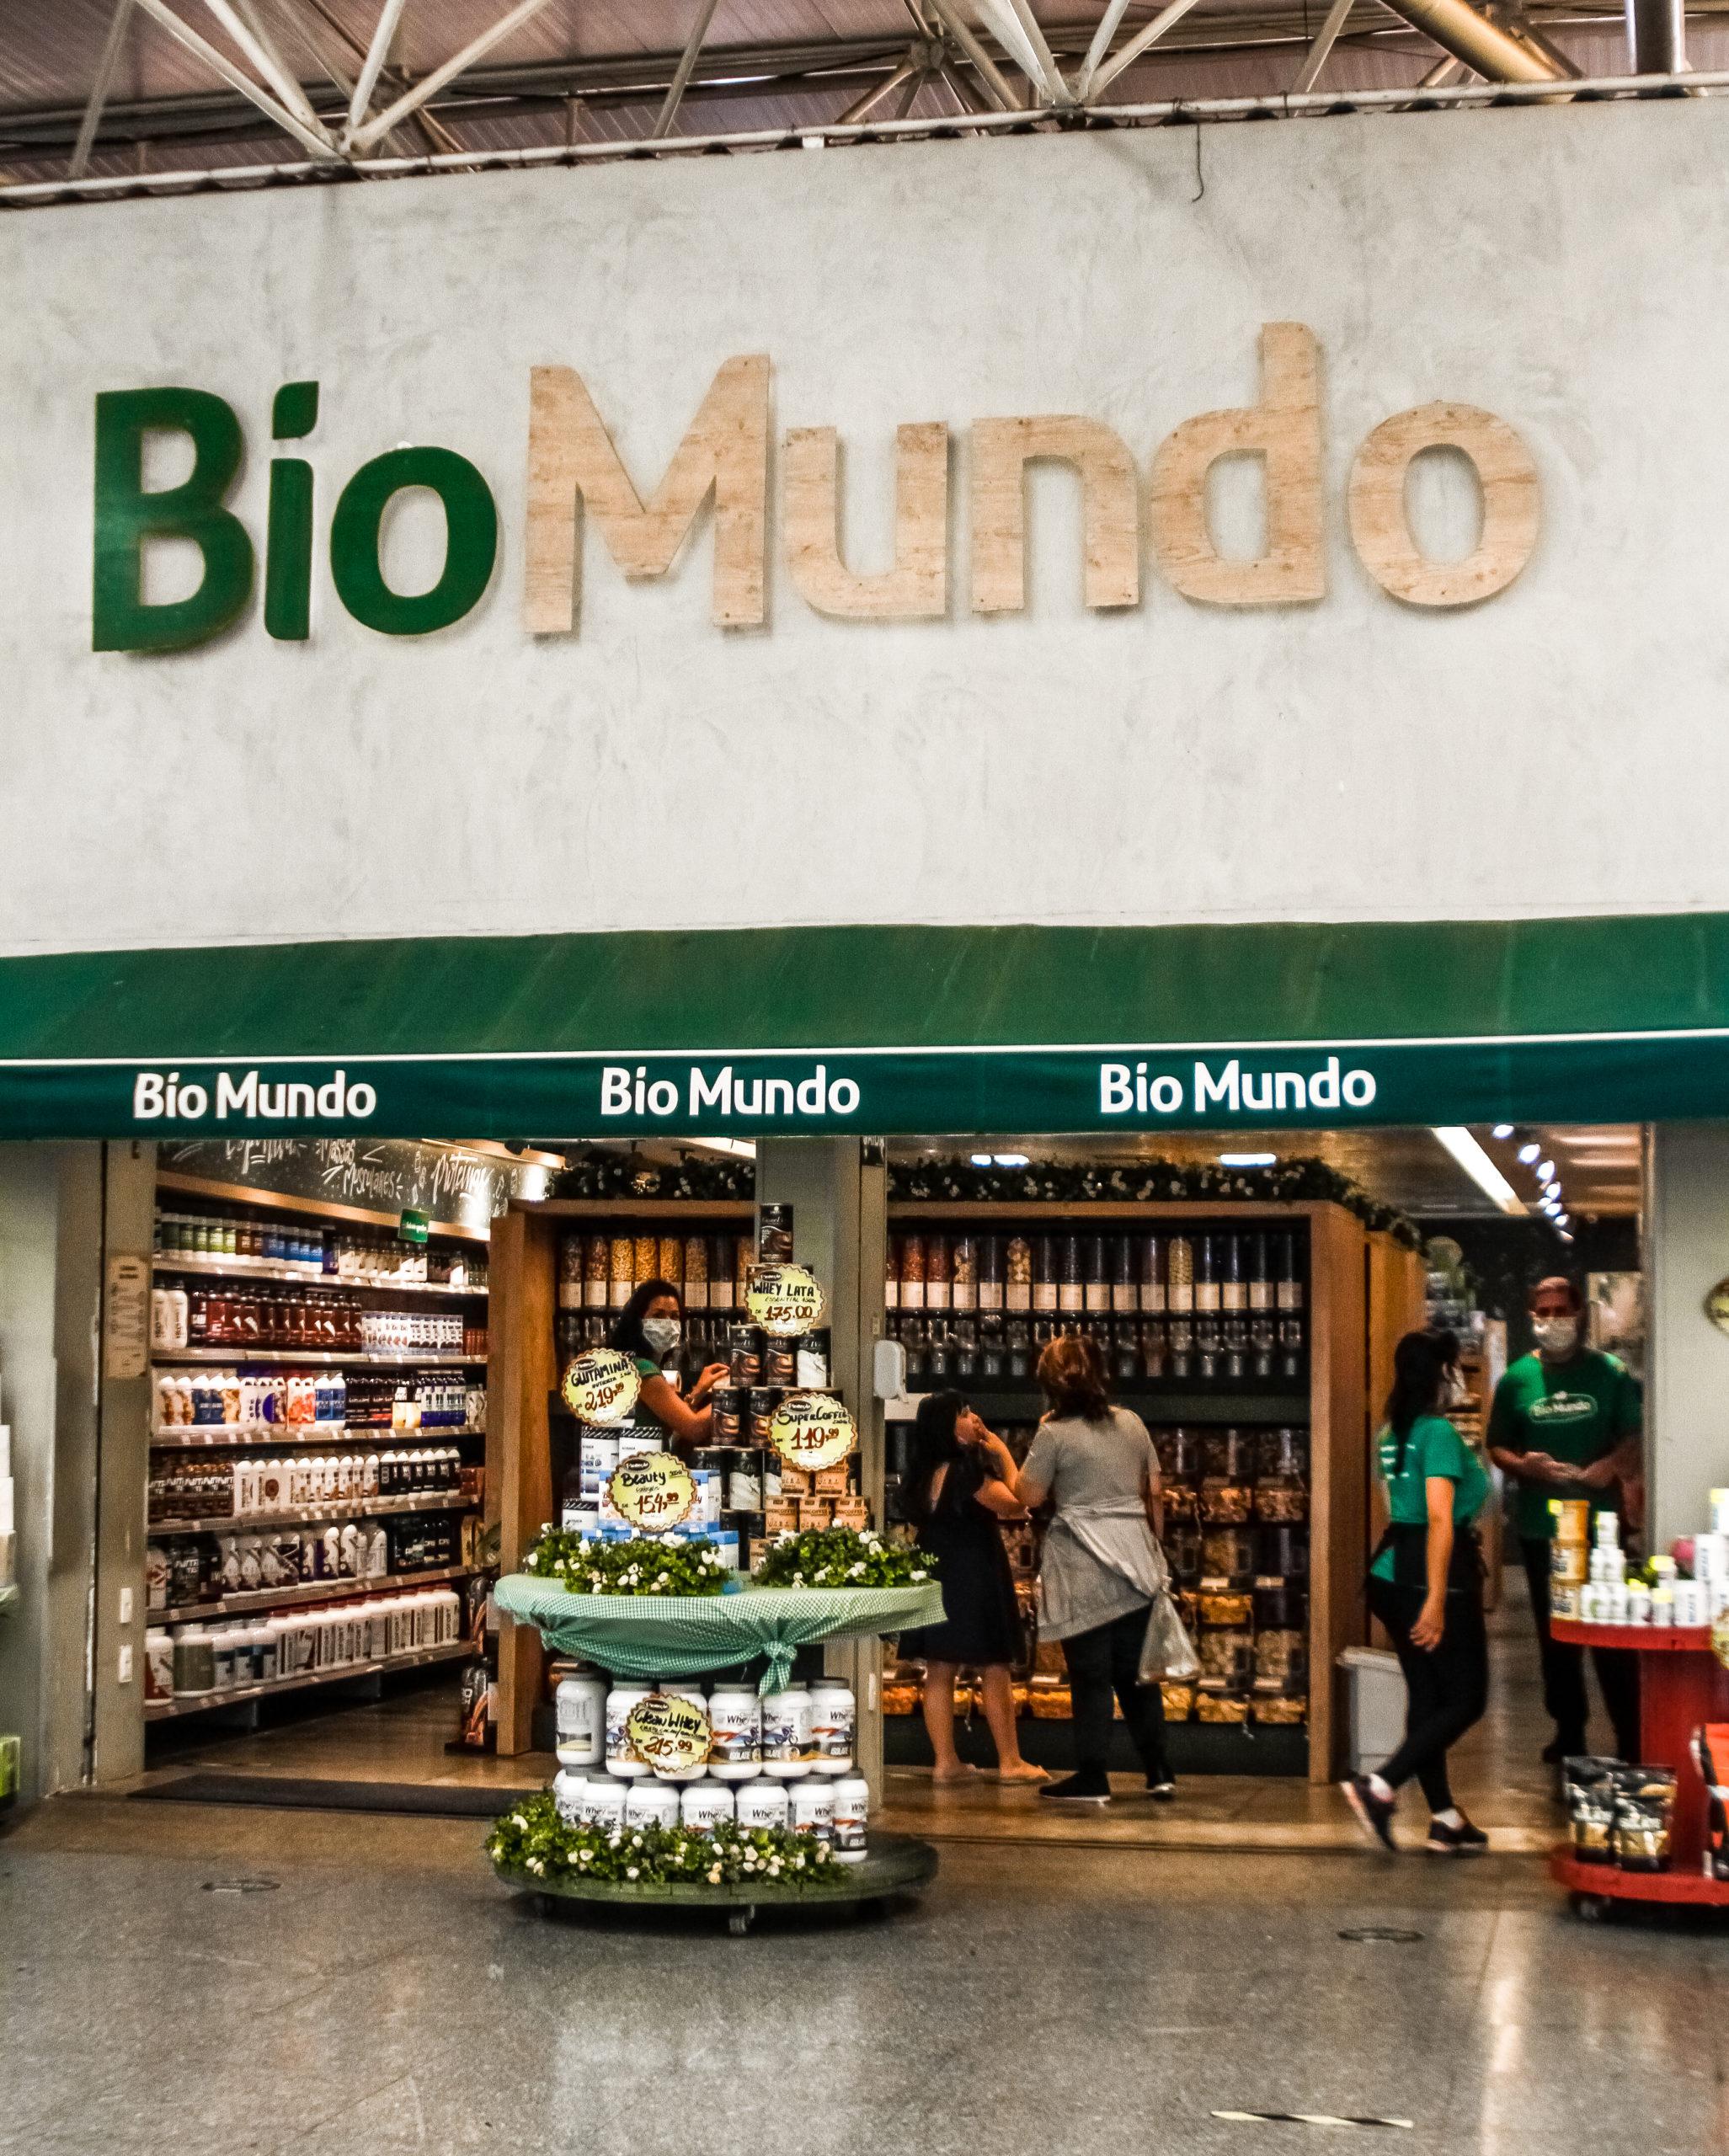 Foto bioMundo